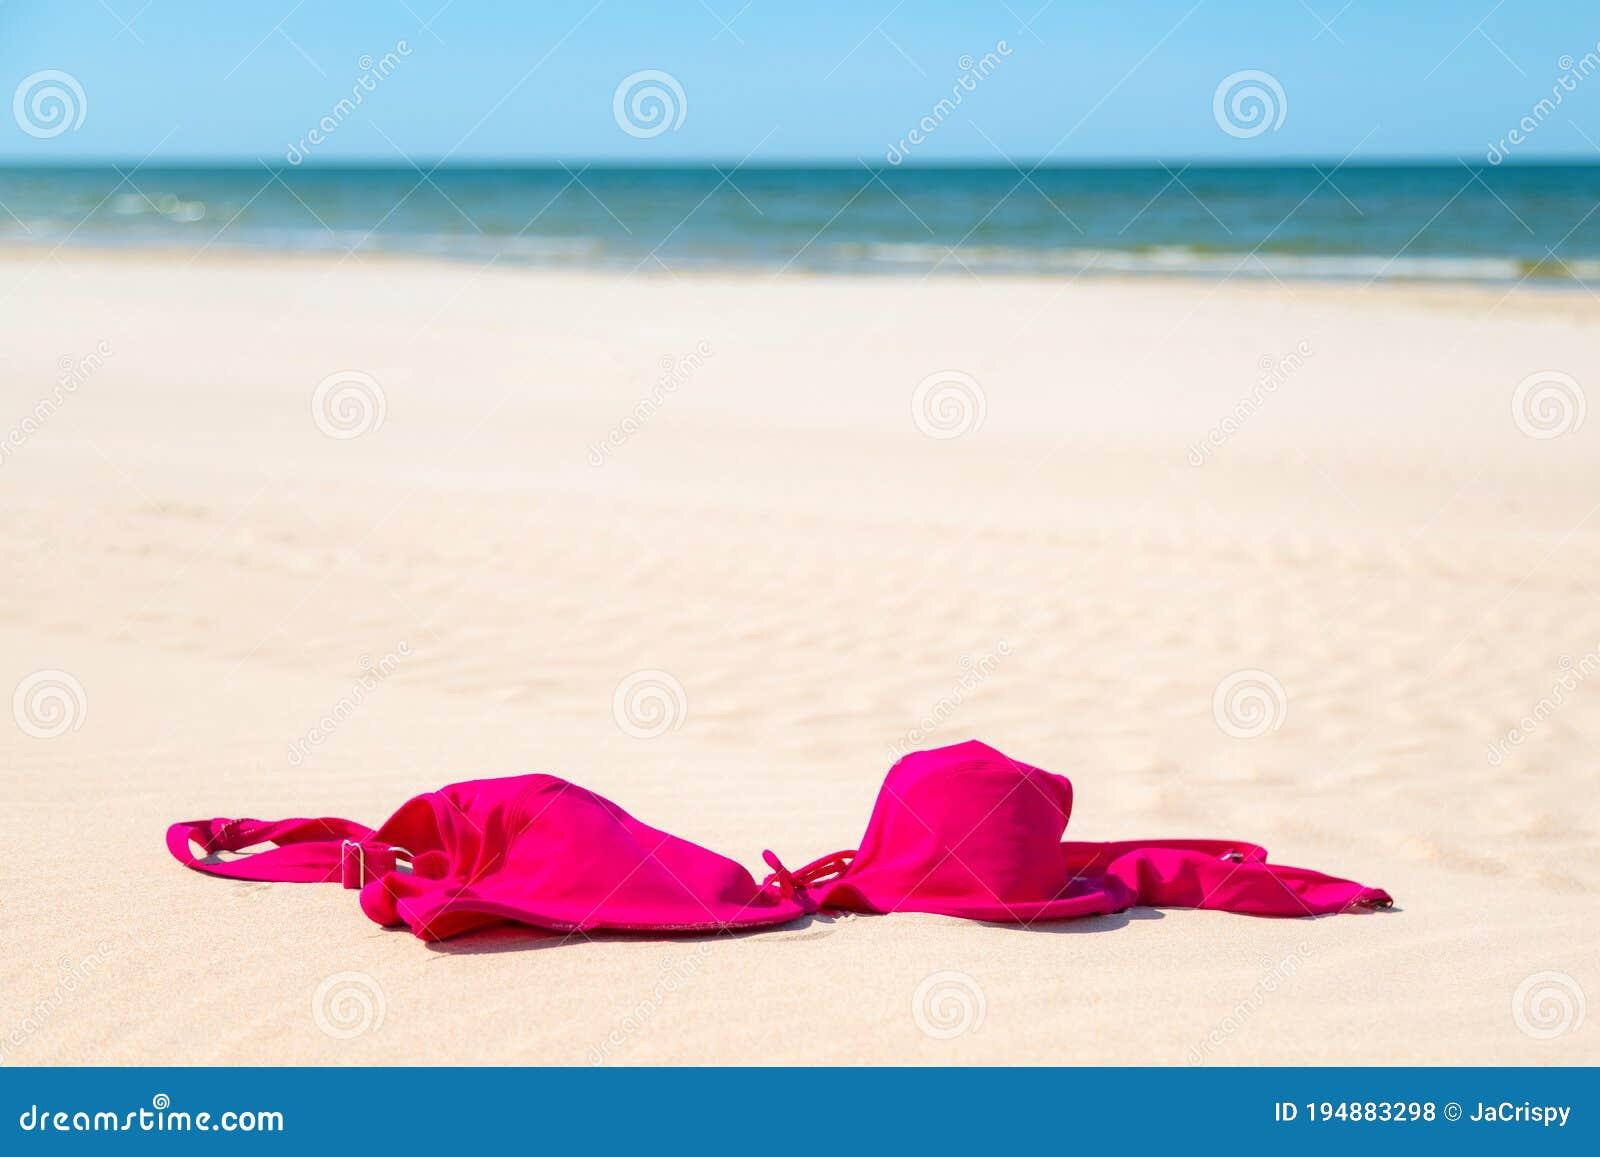 Nude beach naked Nudist